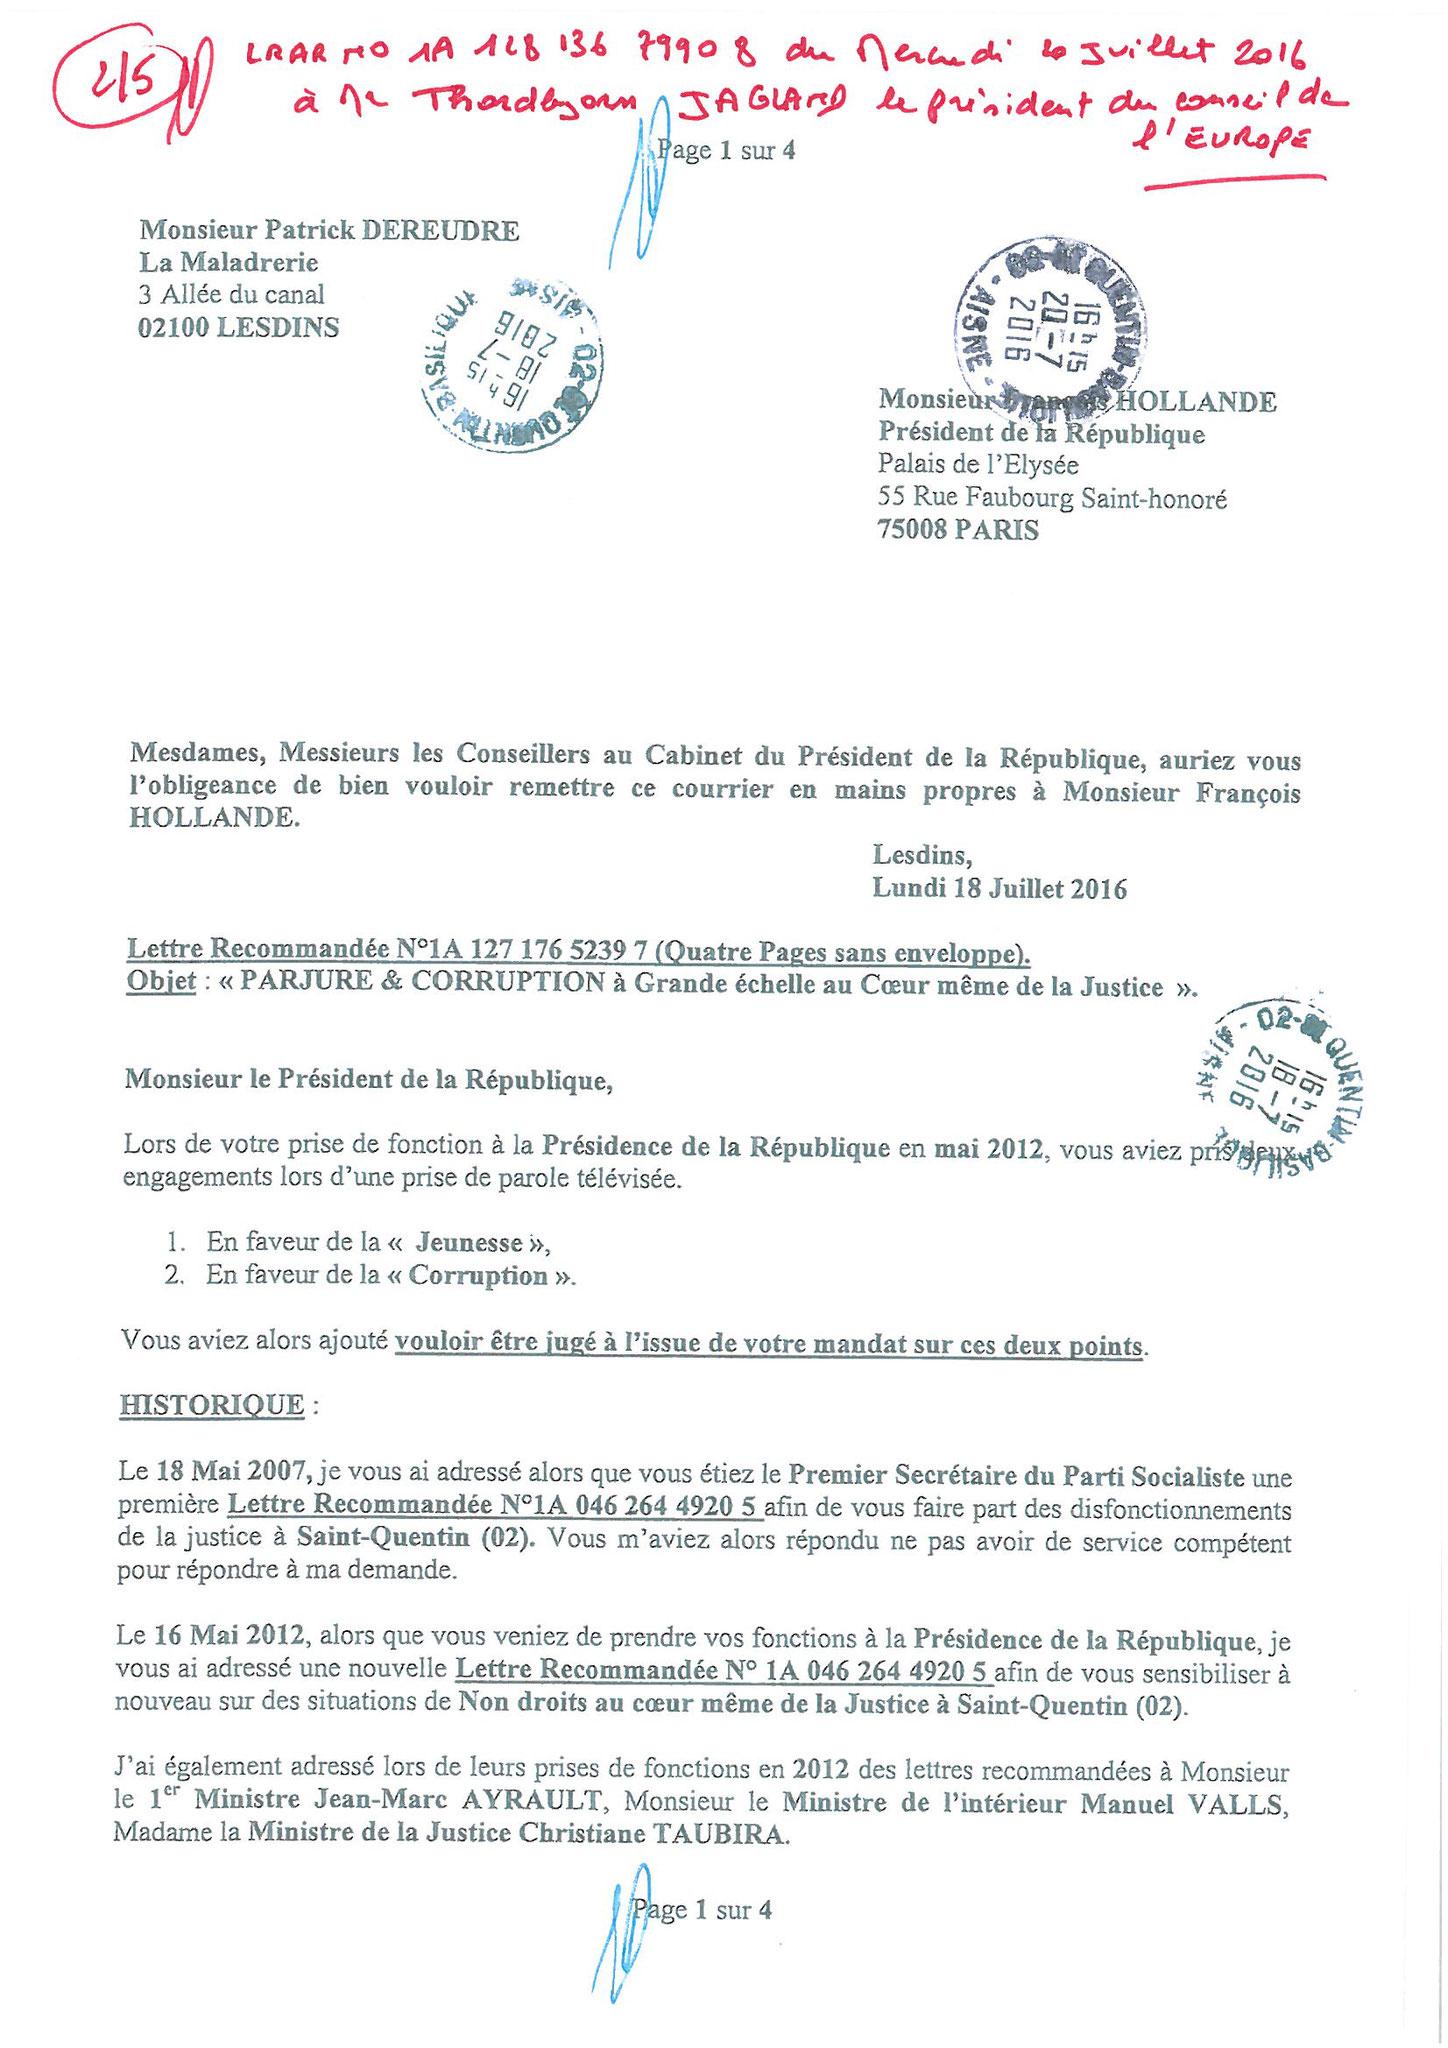 LRAR du 20 Juillet 2016 à Monsieur Thordjorn JAGLAND le Secrétaire Général du Conseil de l'Europe page 2 sur 5